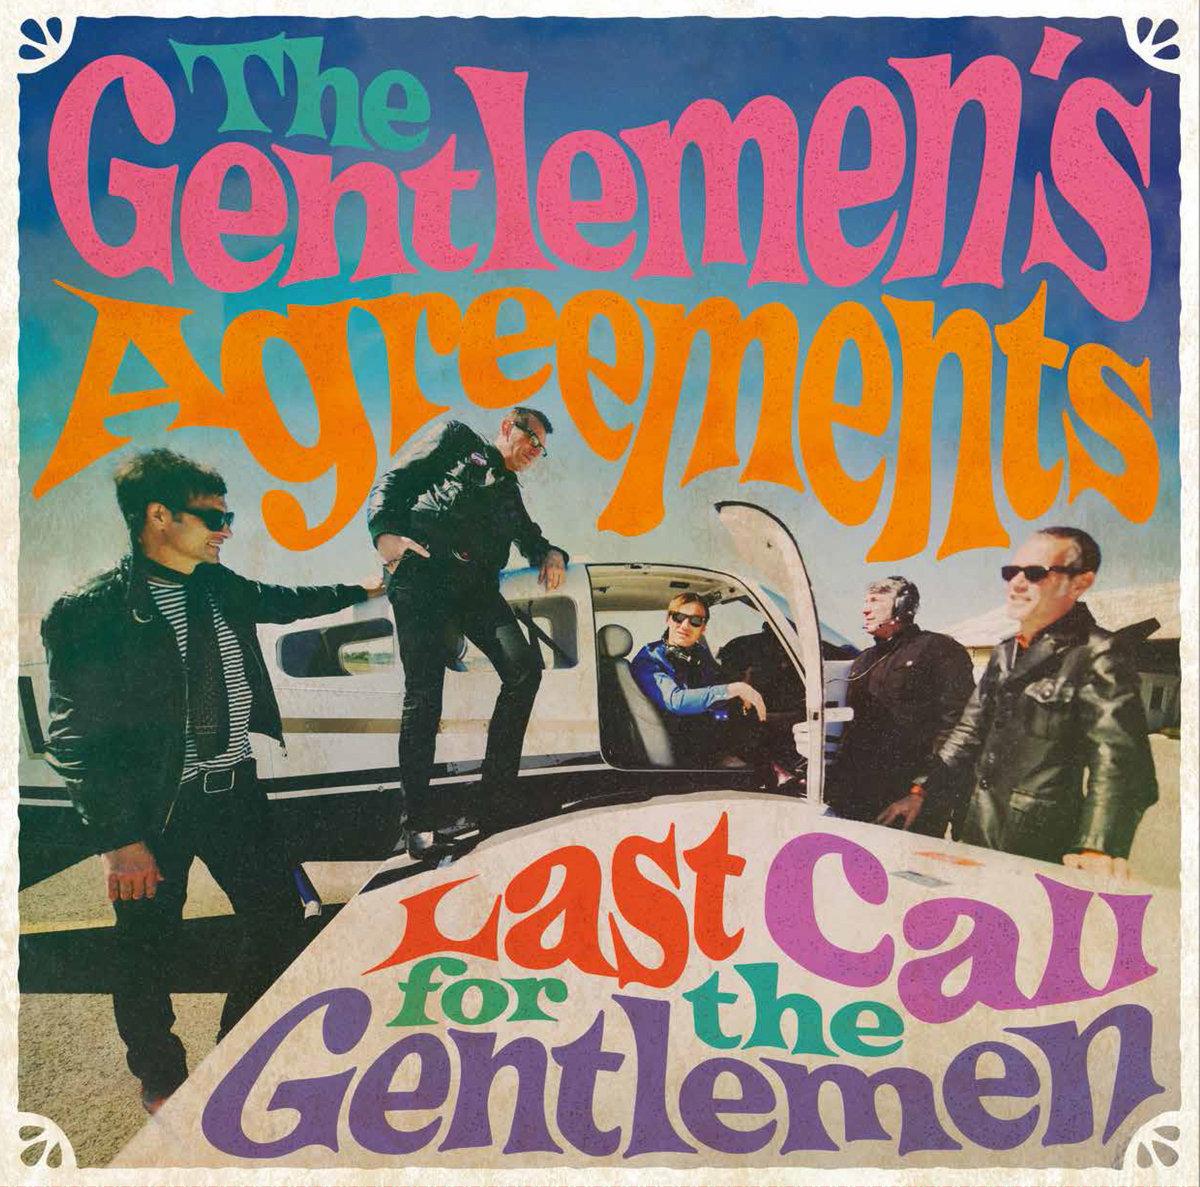 Last Call For The Gentlemen The Gentlemens Agreements